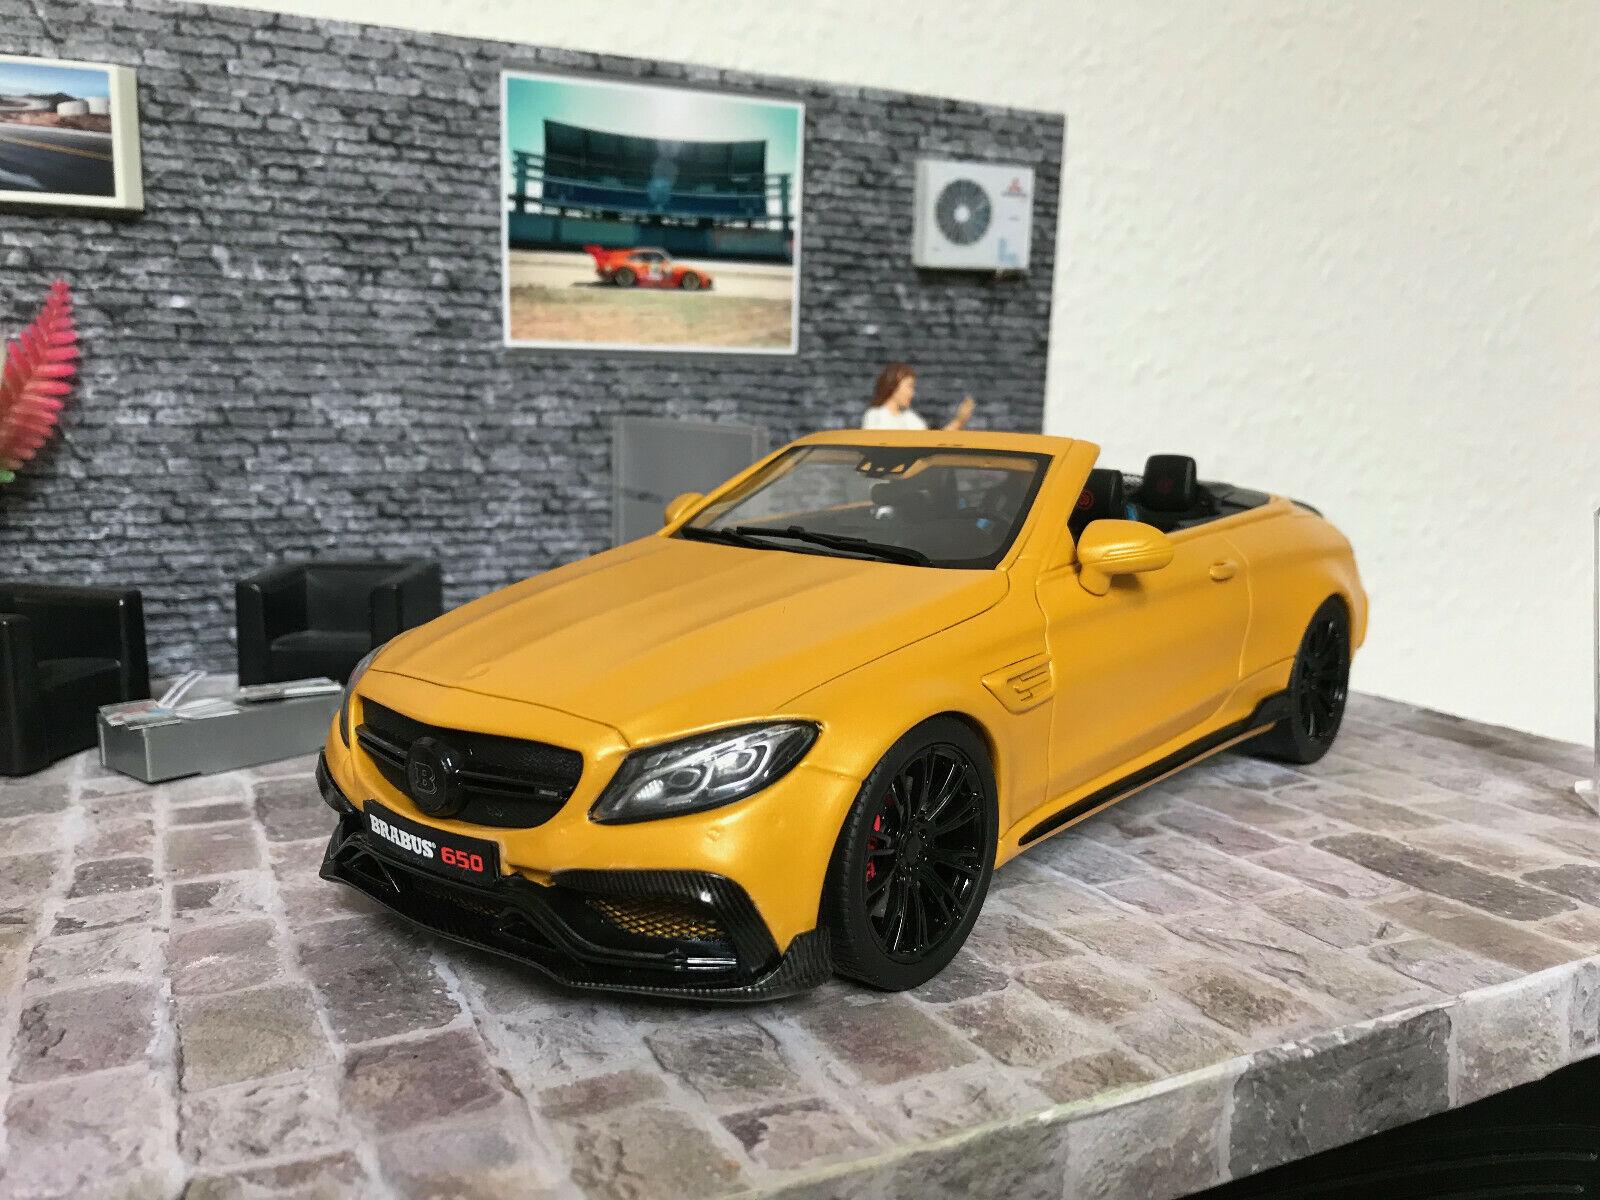 Mercedes Benz 650 BRABUS GT SPIRIT 1 18 Tuning Conversion dans neuf dans sa boîte nº 385 500 pièce unique